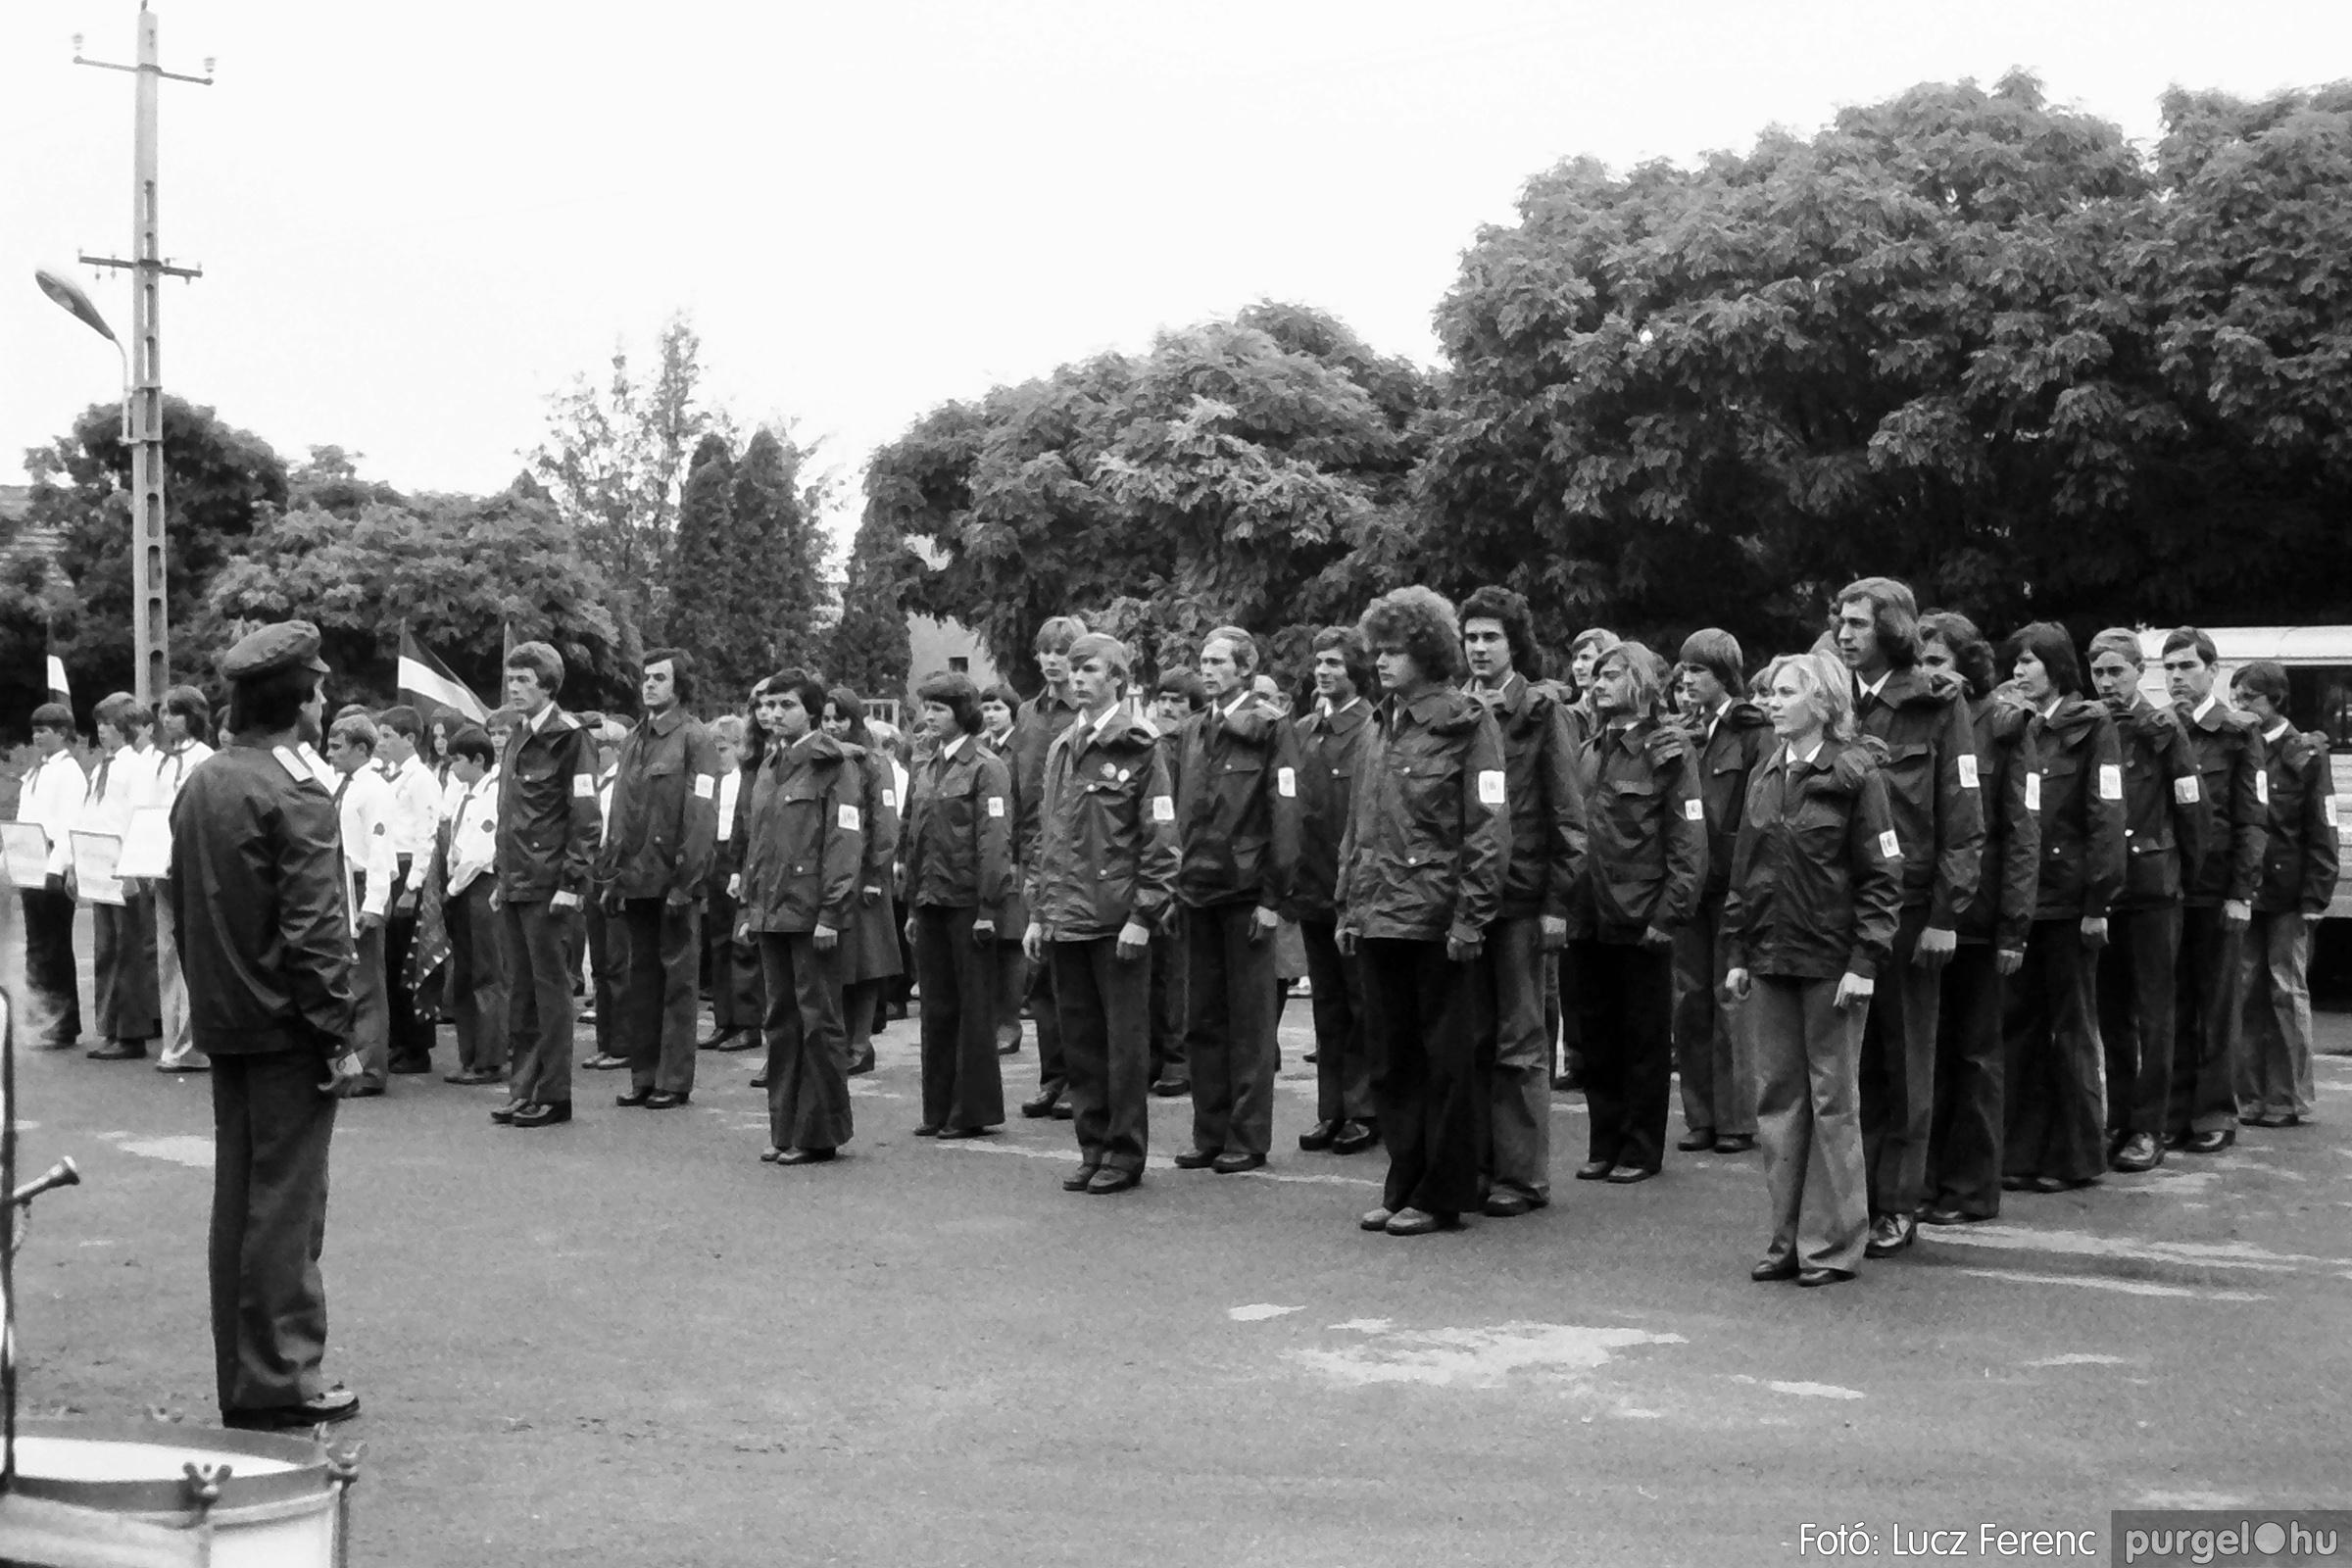 090. 1977. Úttörő gárda - ifjú gárda seregszemle 009. - Fotó: Lucz Ferenc.jpg